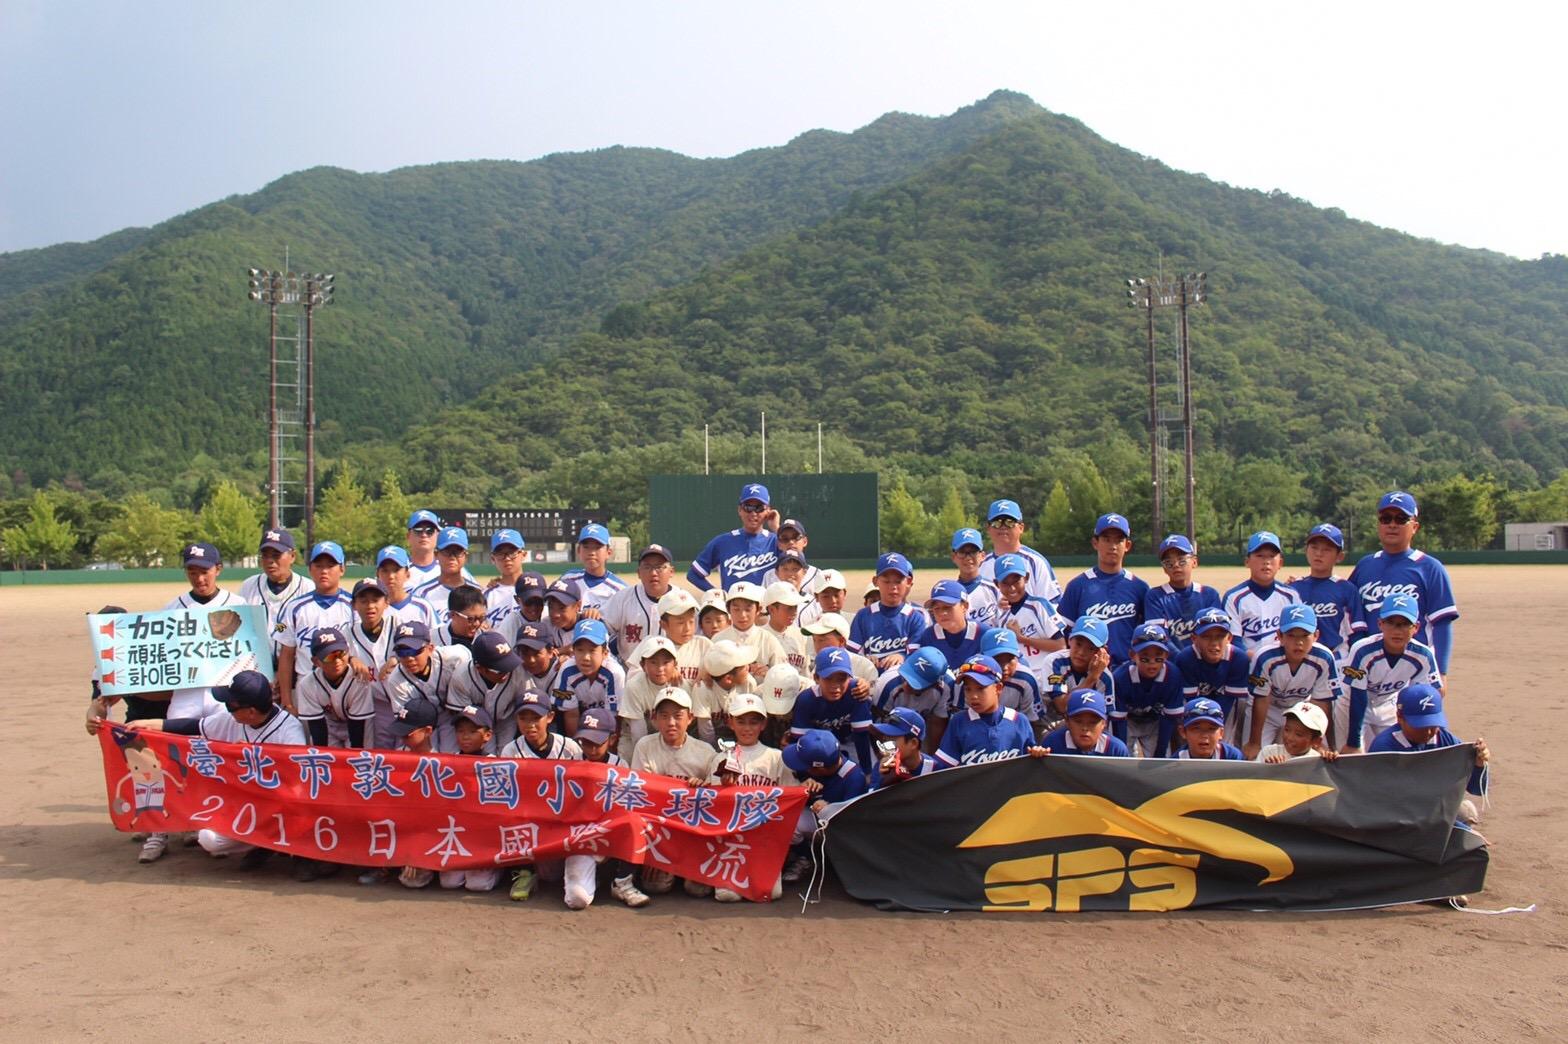 第1回国際親善少年野球西脇大会SPS CUP1